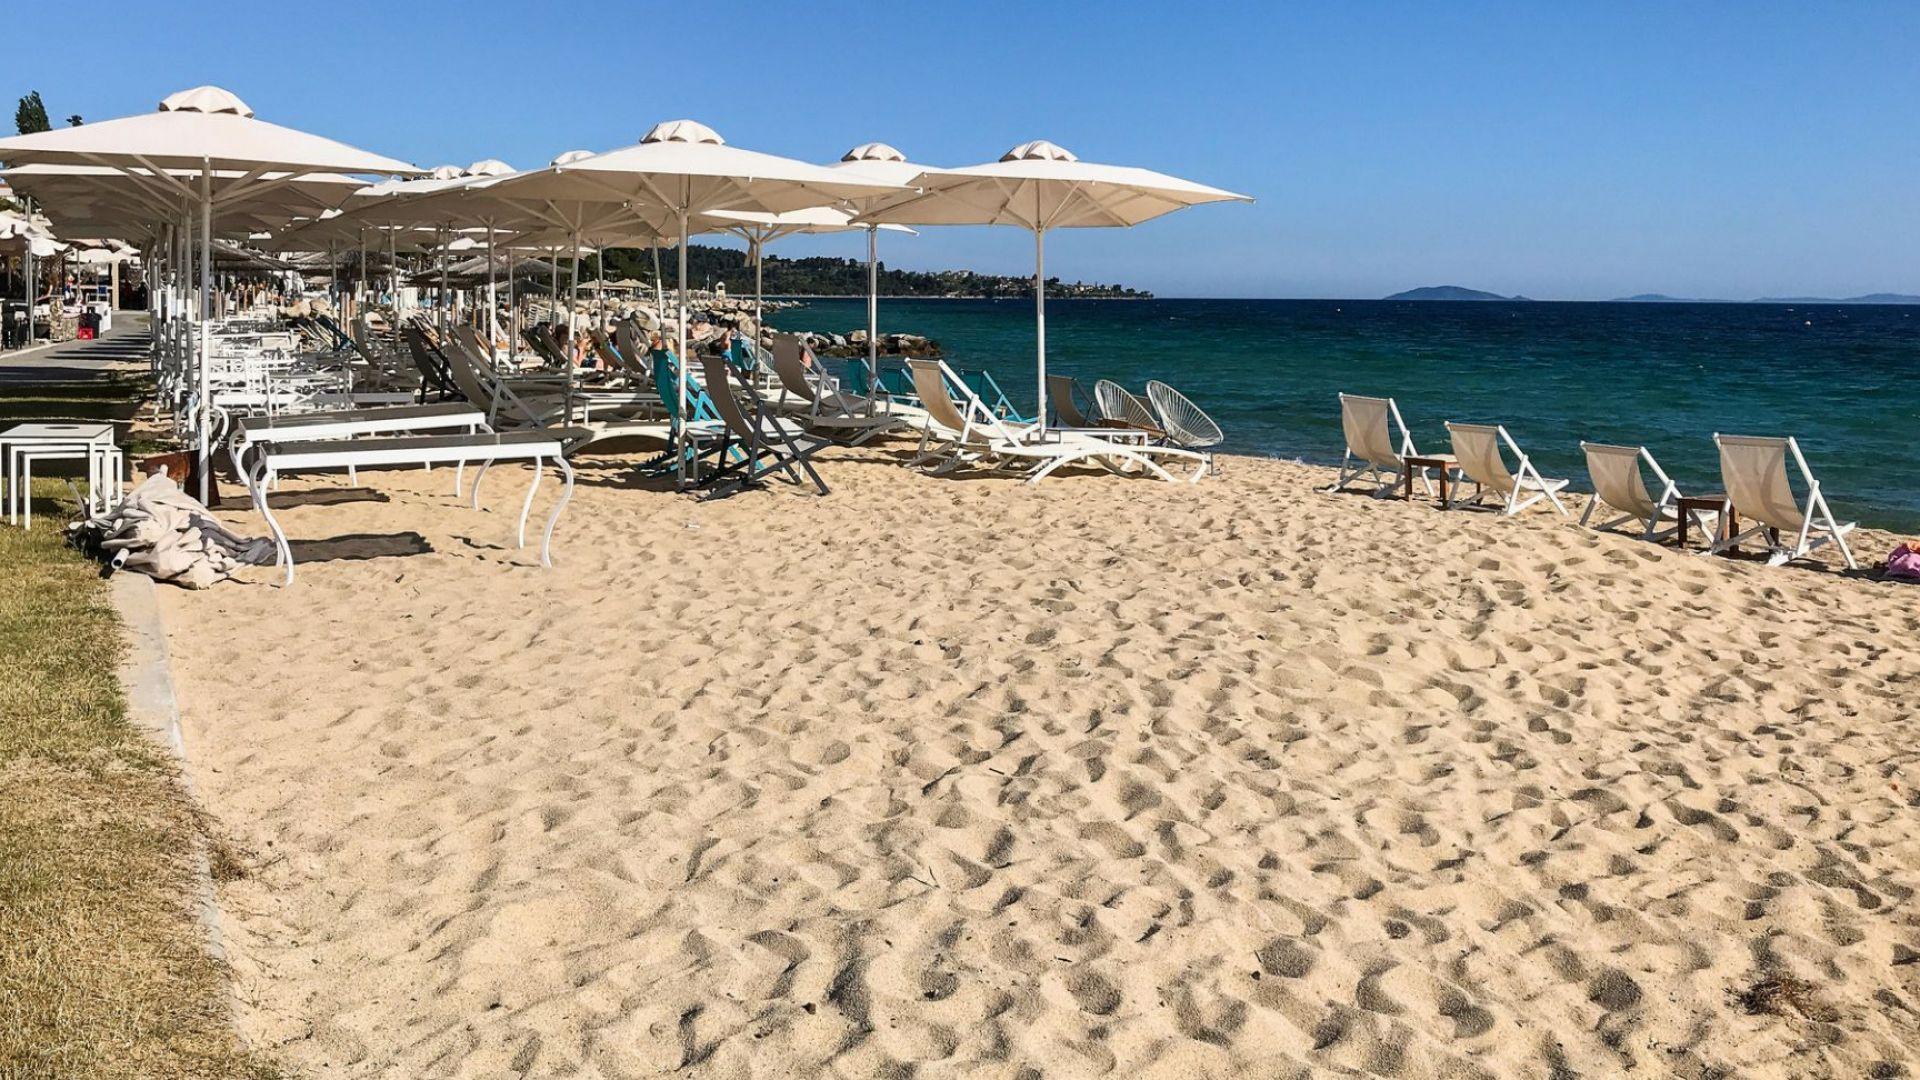 Семейство запази хотел край морето в Гърция, а получи вила на 1 час от плажа